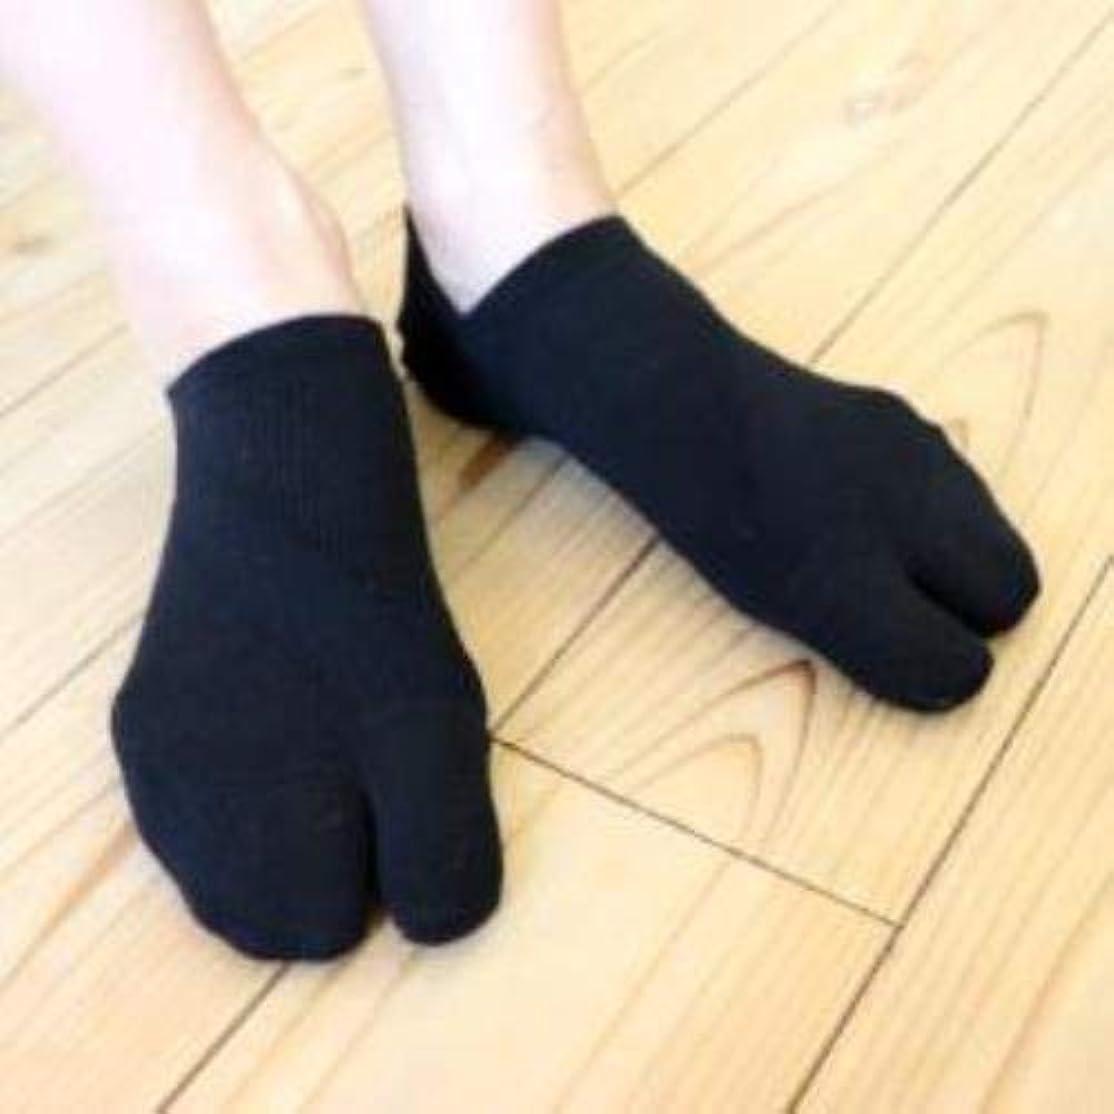 熟す有害トンさとう式 フレクサーソックス スニーカータイプ 黒 (L) 足袋型